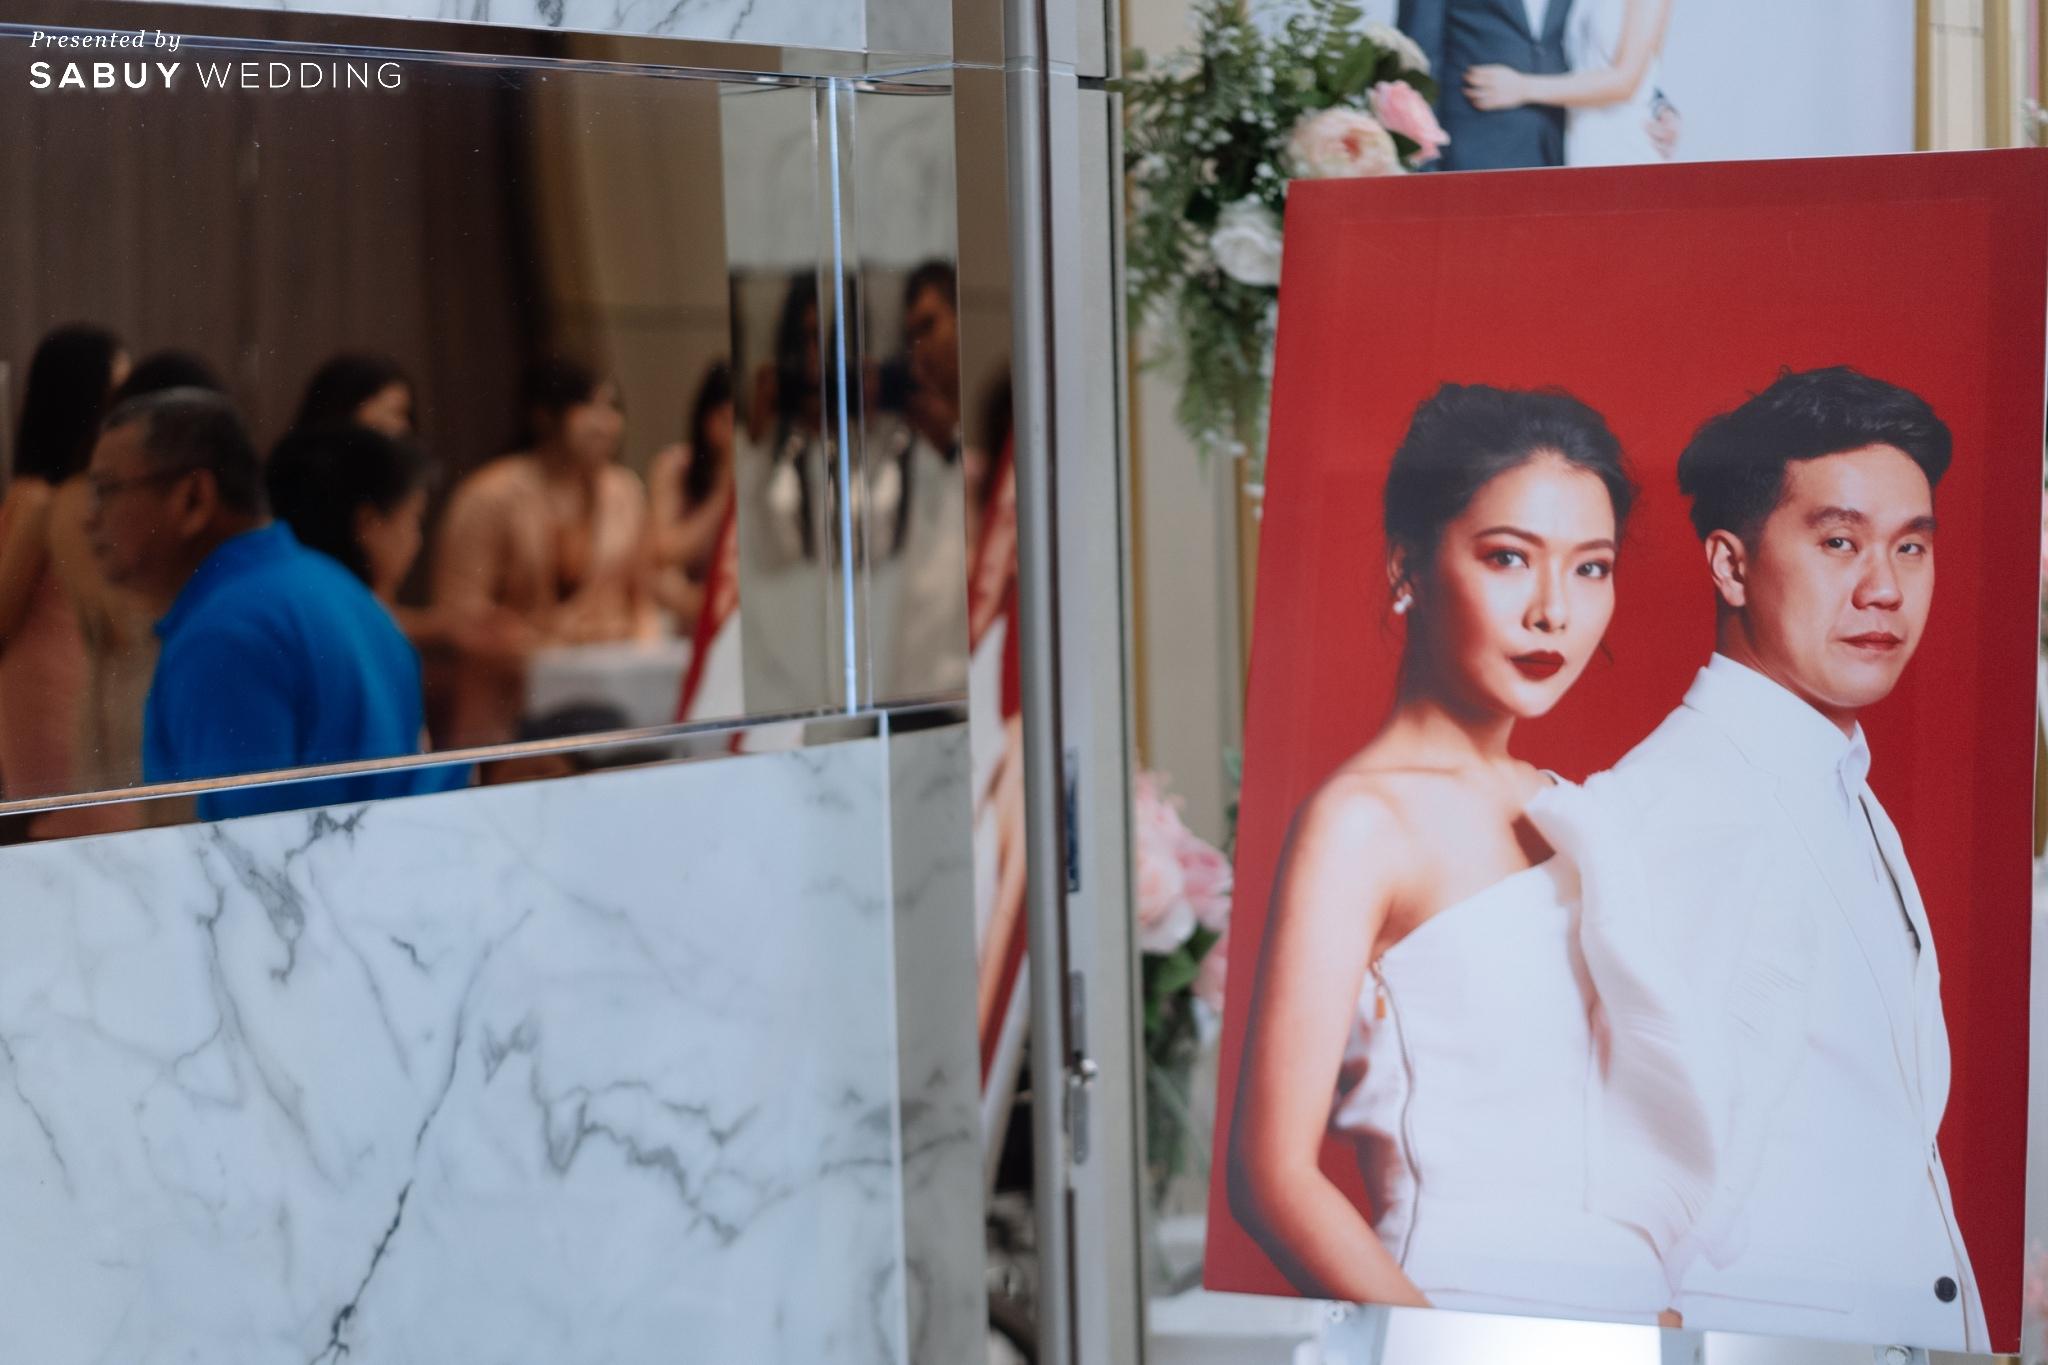 ตกแต่งงานแต่งงาน รีวิวงานแต่ง 2 สถานที่ สวยดูดีสไตล์ Vintage Chinese Modern @ หอประชุมศาลเจ้าแม่ทับทิม